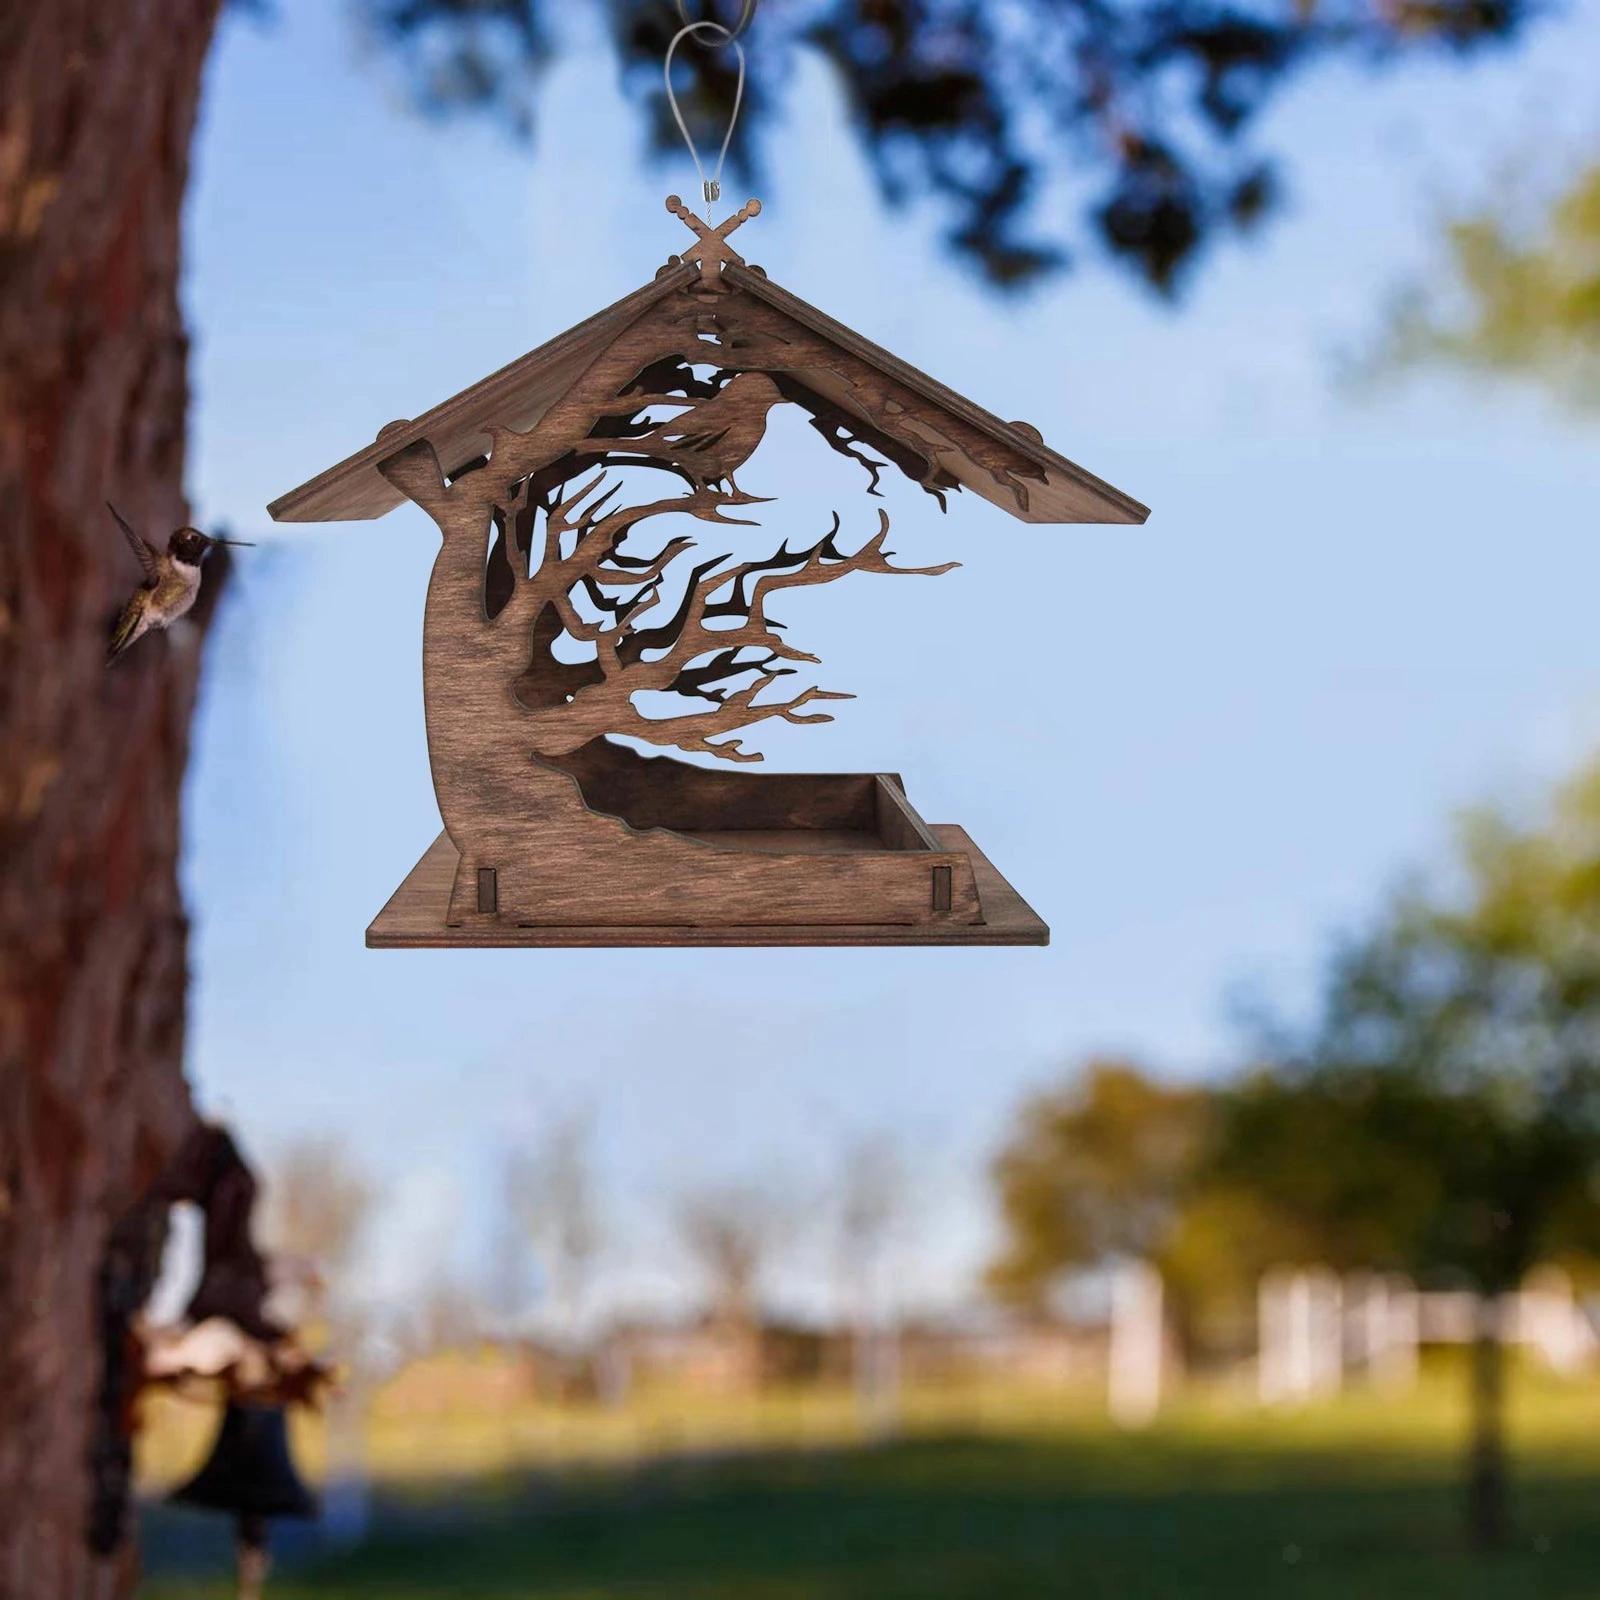 thumbnail 4 - Mangeoire à Oiseaux en bois Nichoir Décoration Extérieure Ornements